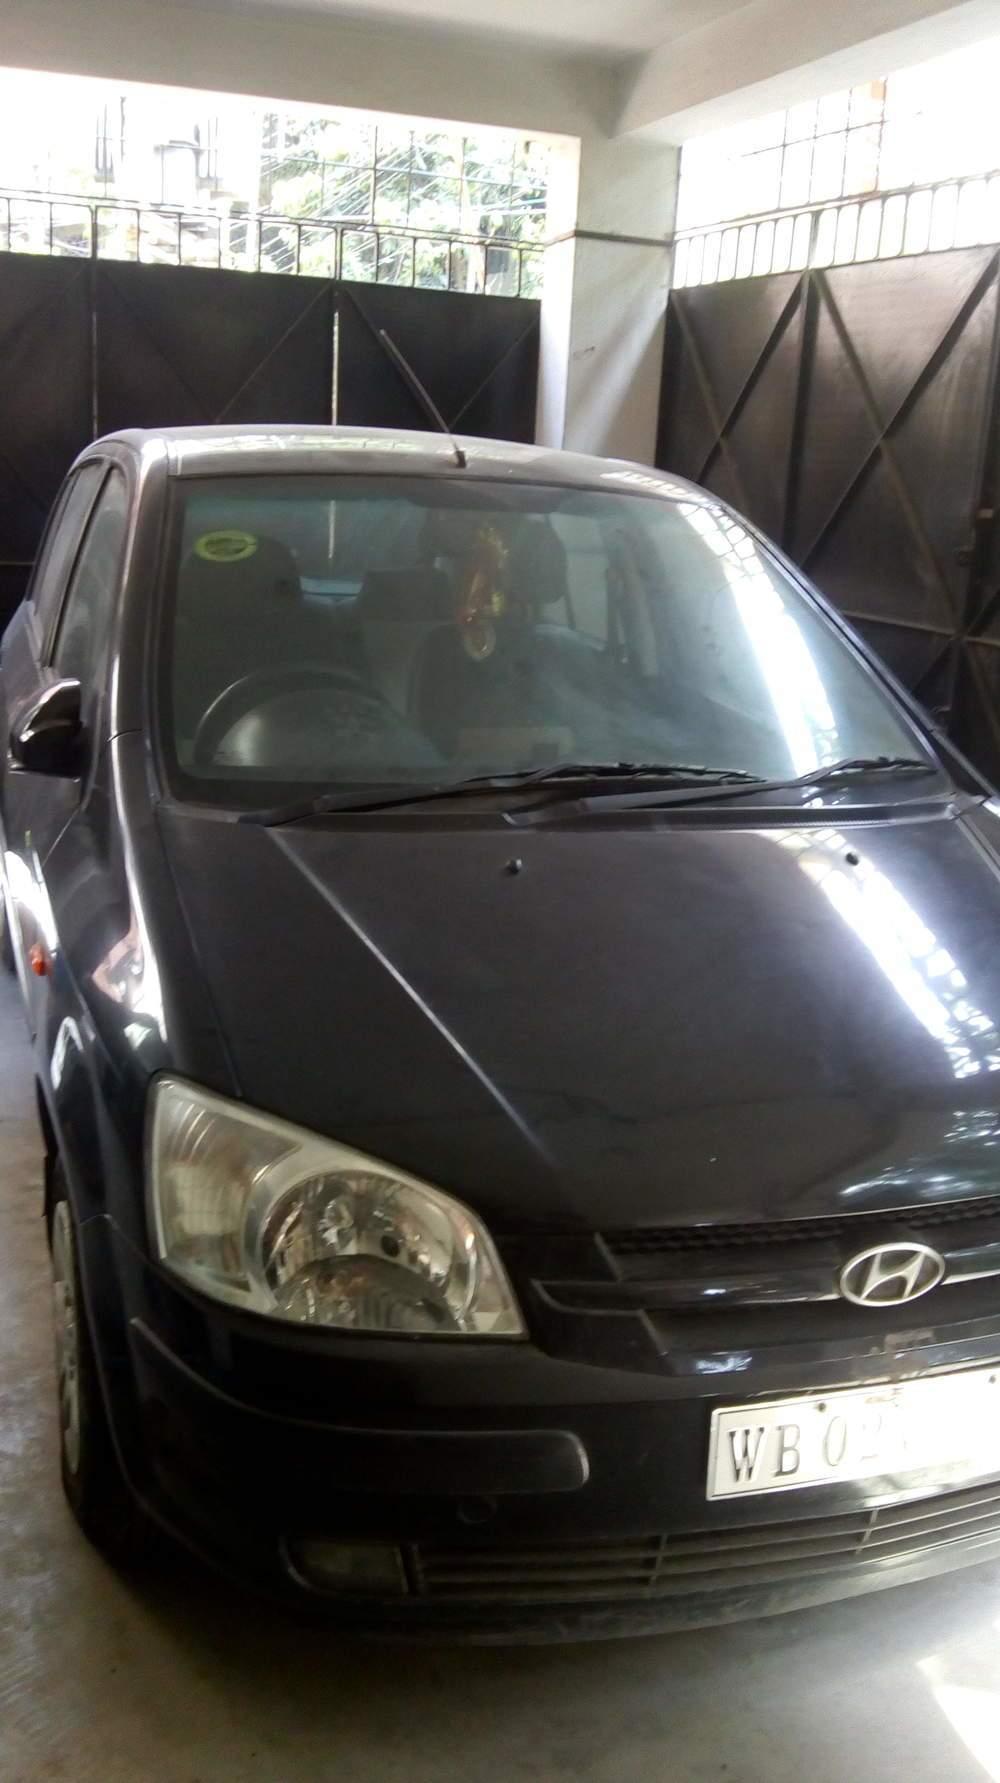 Hyundai Getz Front Left Rim